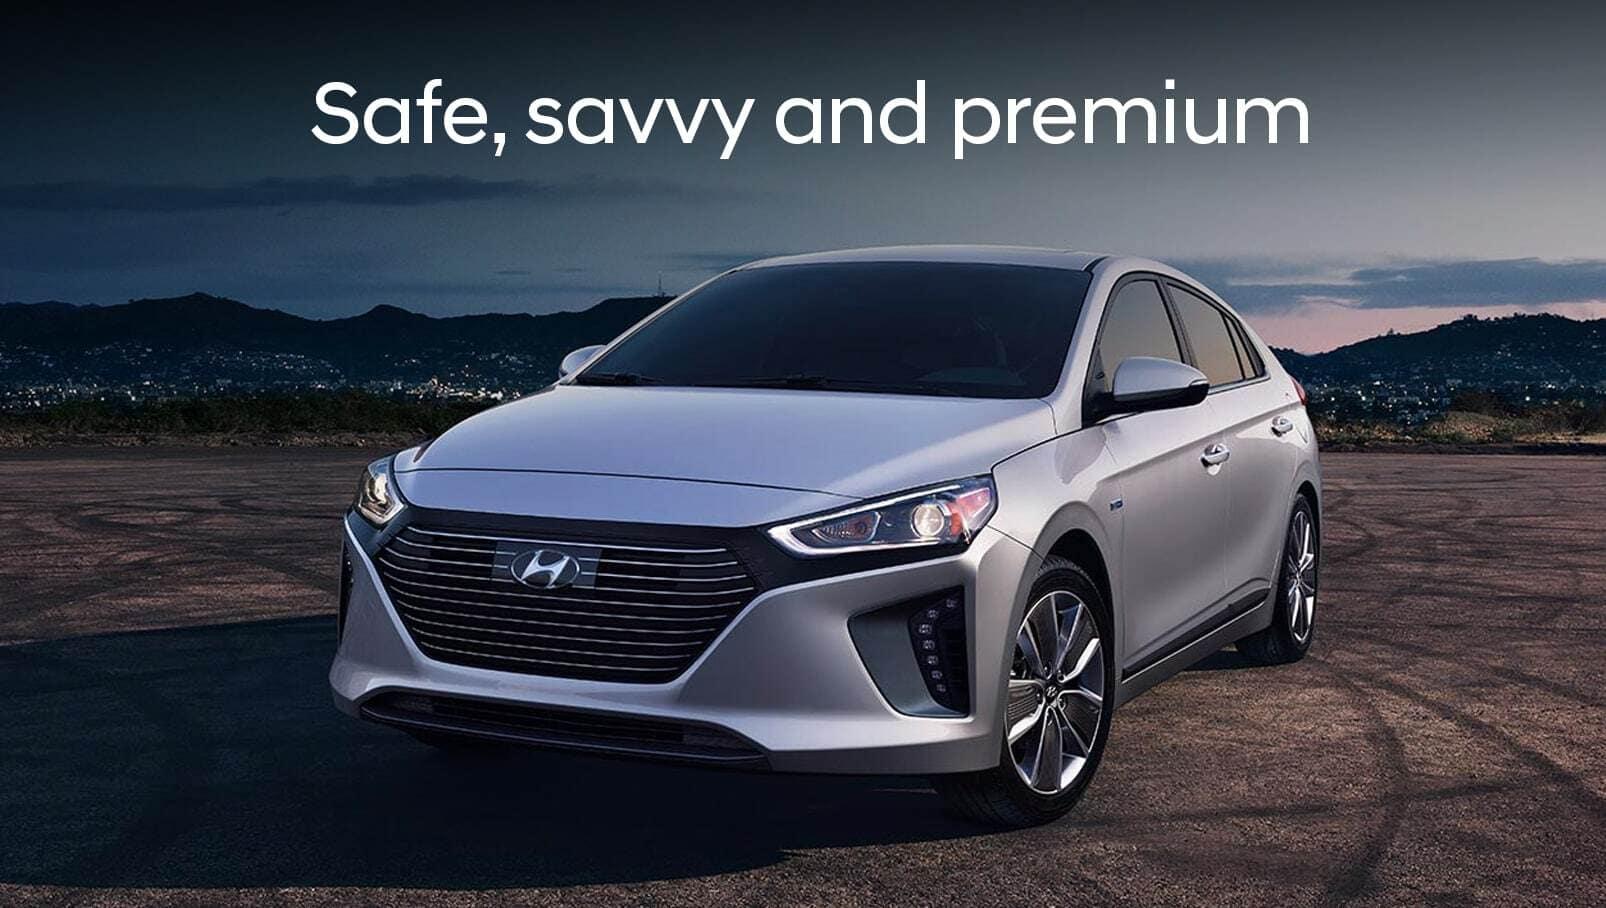 2019 Hyundai Ioniq Hybrid Overview Chicago IL